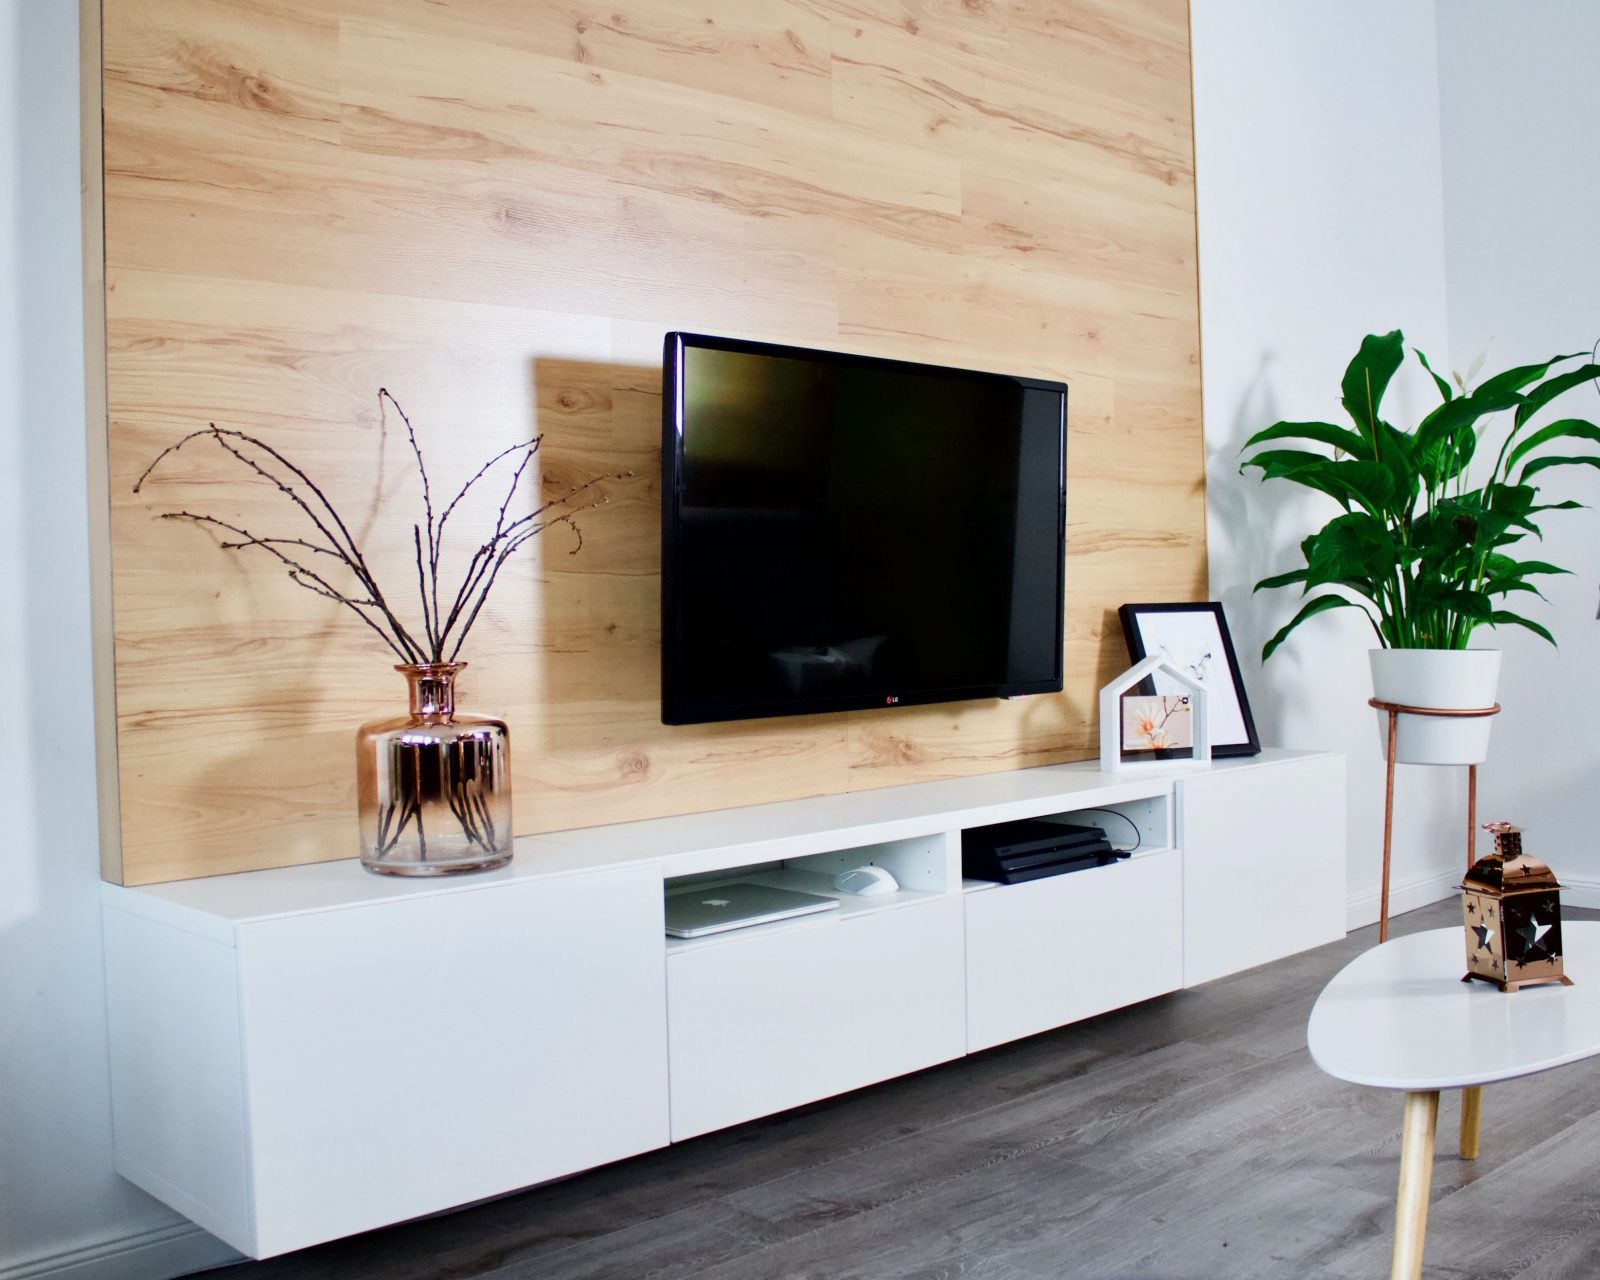 Diy Tvwand Aus Holz Bauen  Decor Inspiration  Tv Wand Holz Tv von Holzwand Wohnzimmer Selber Bauen Bild